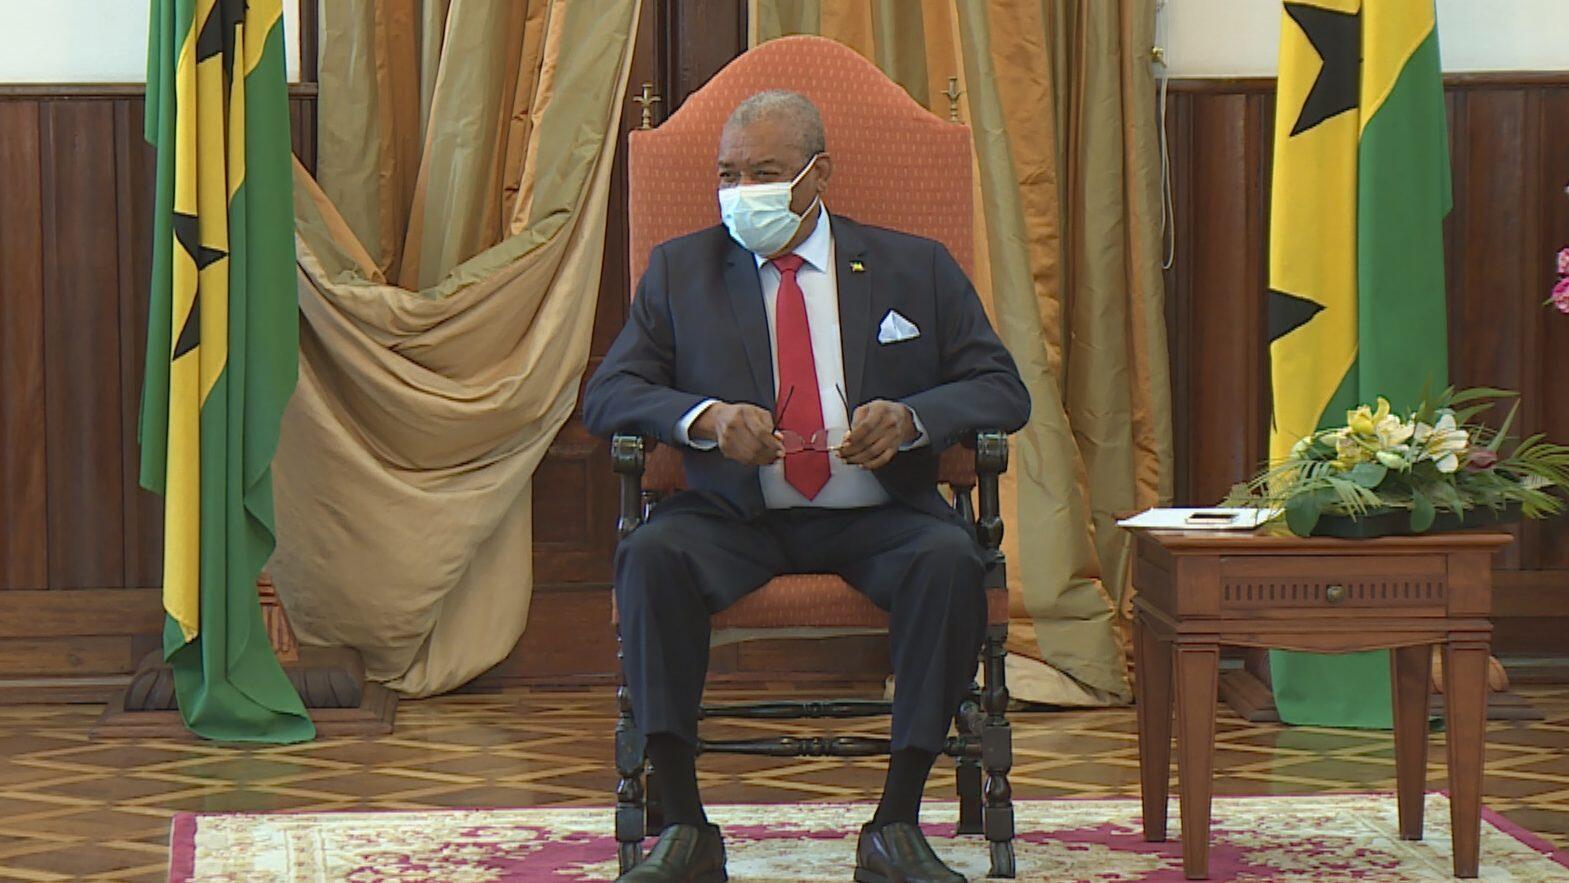 O Presidente da República de São Tomé e Príncipe, Evaristo Carvlaho